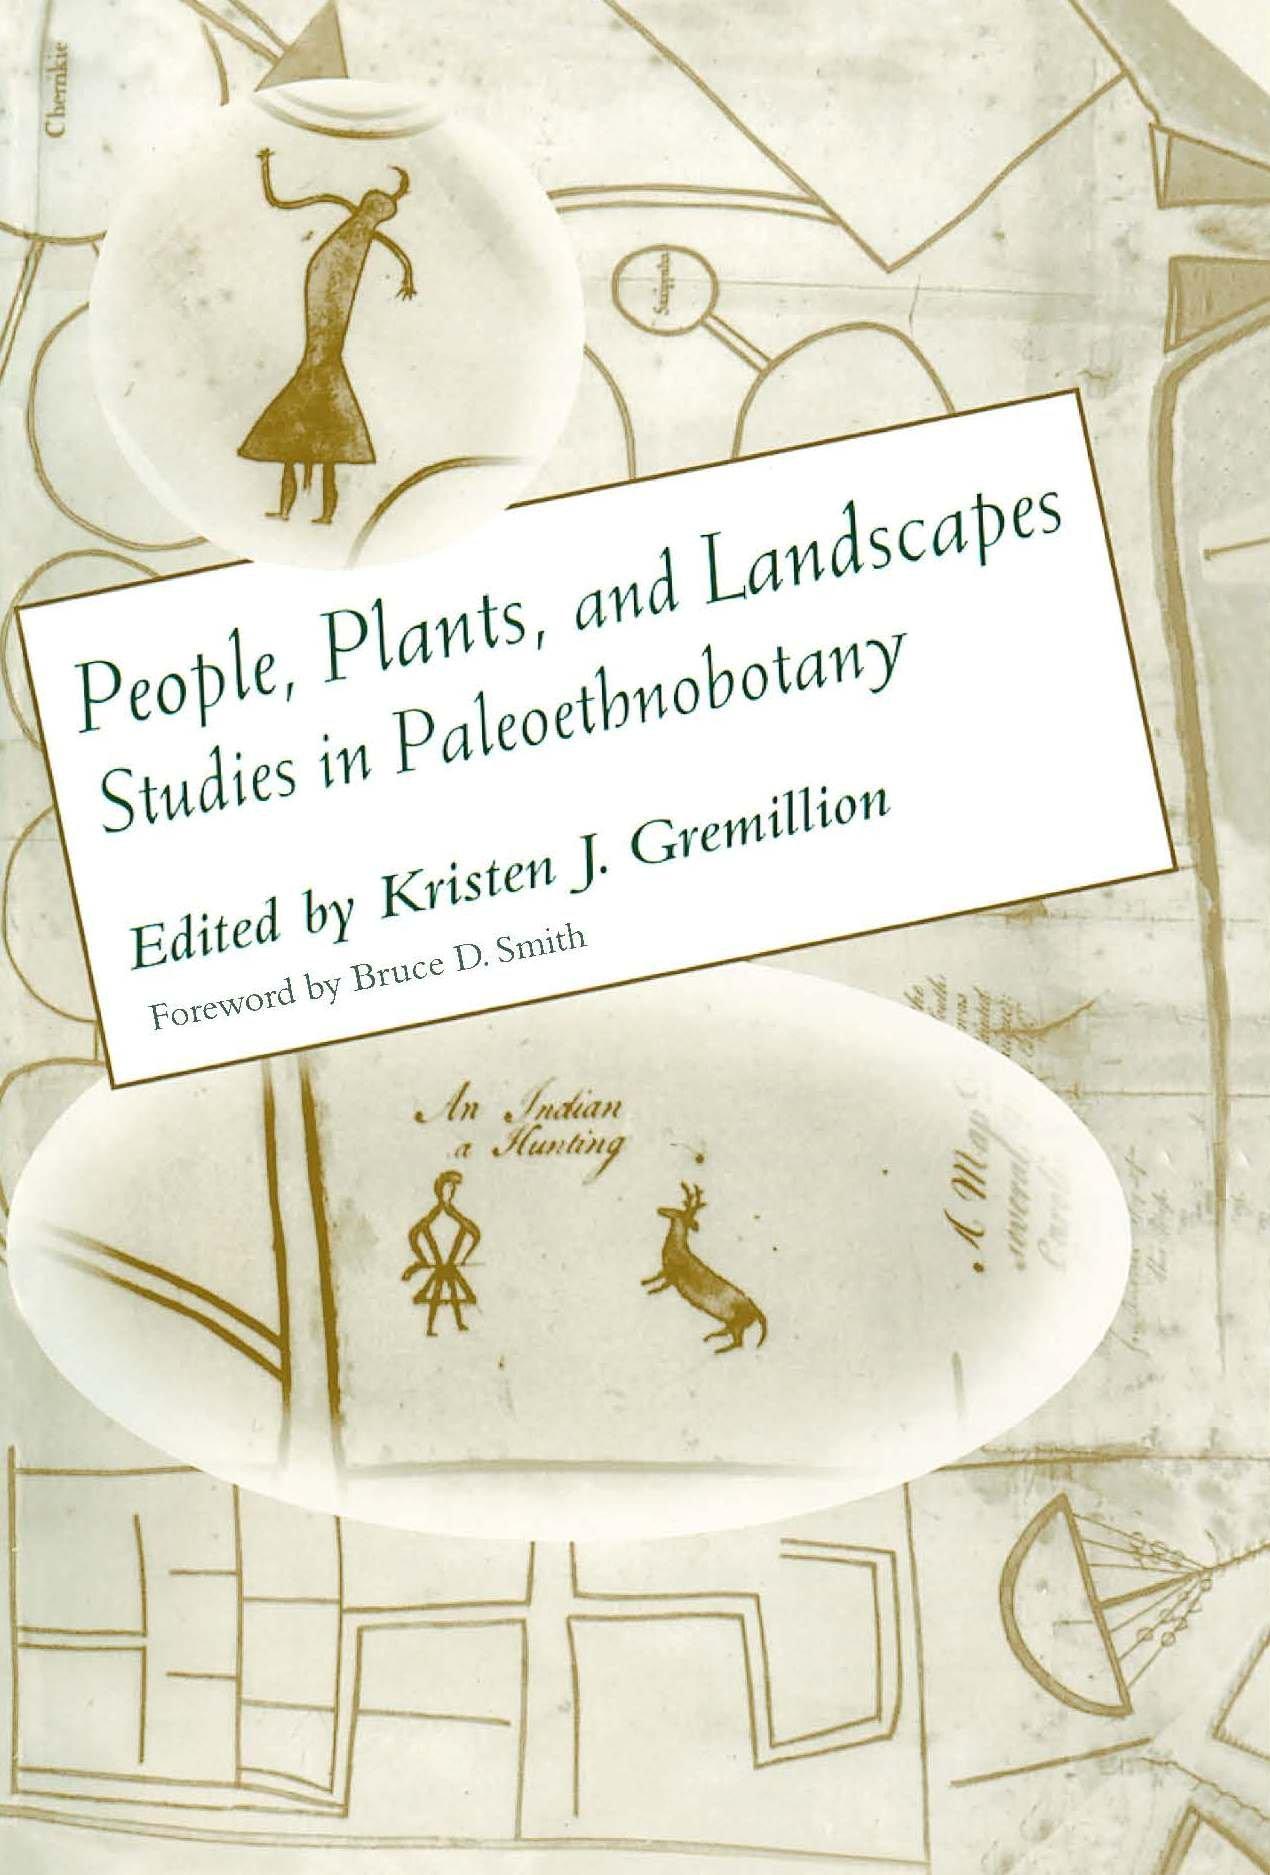 People Plants And Landscapes Studies In Paleoethnobotany